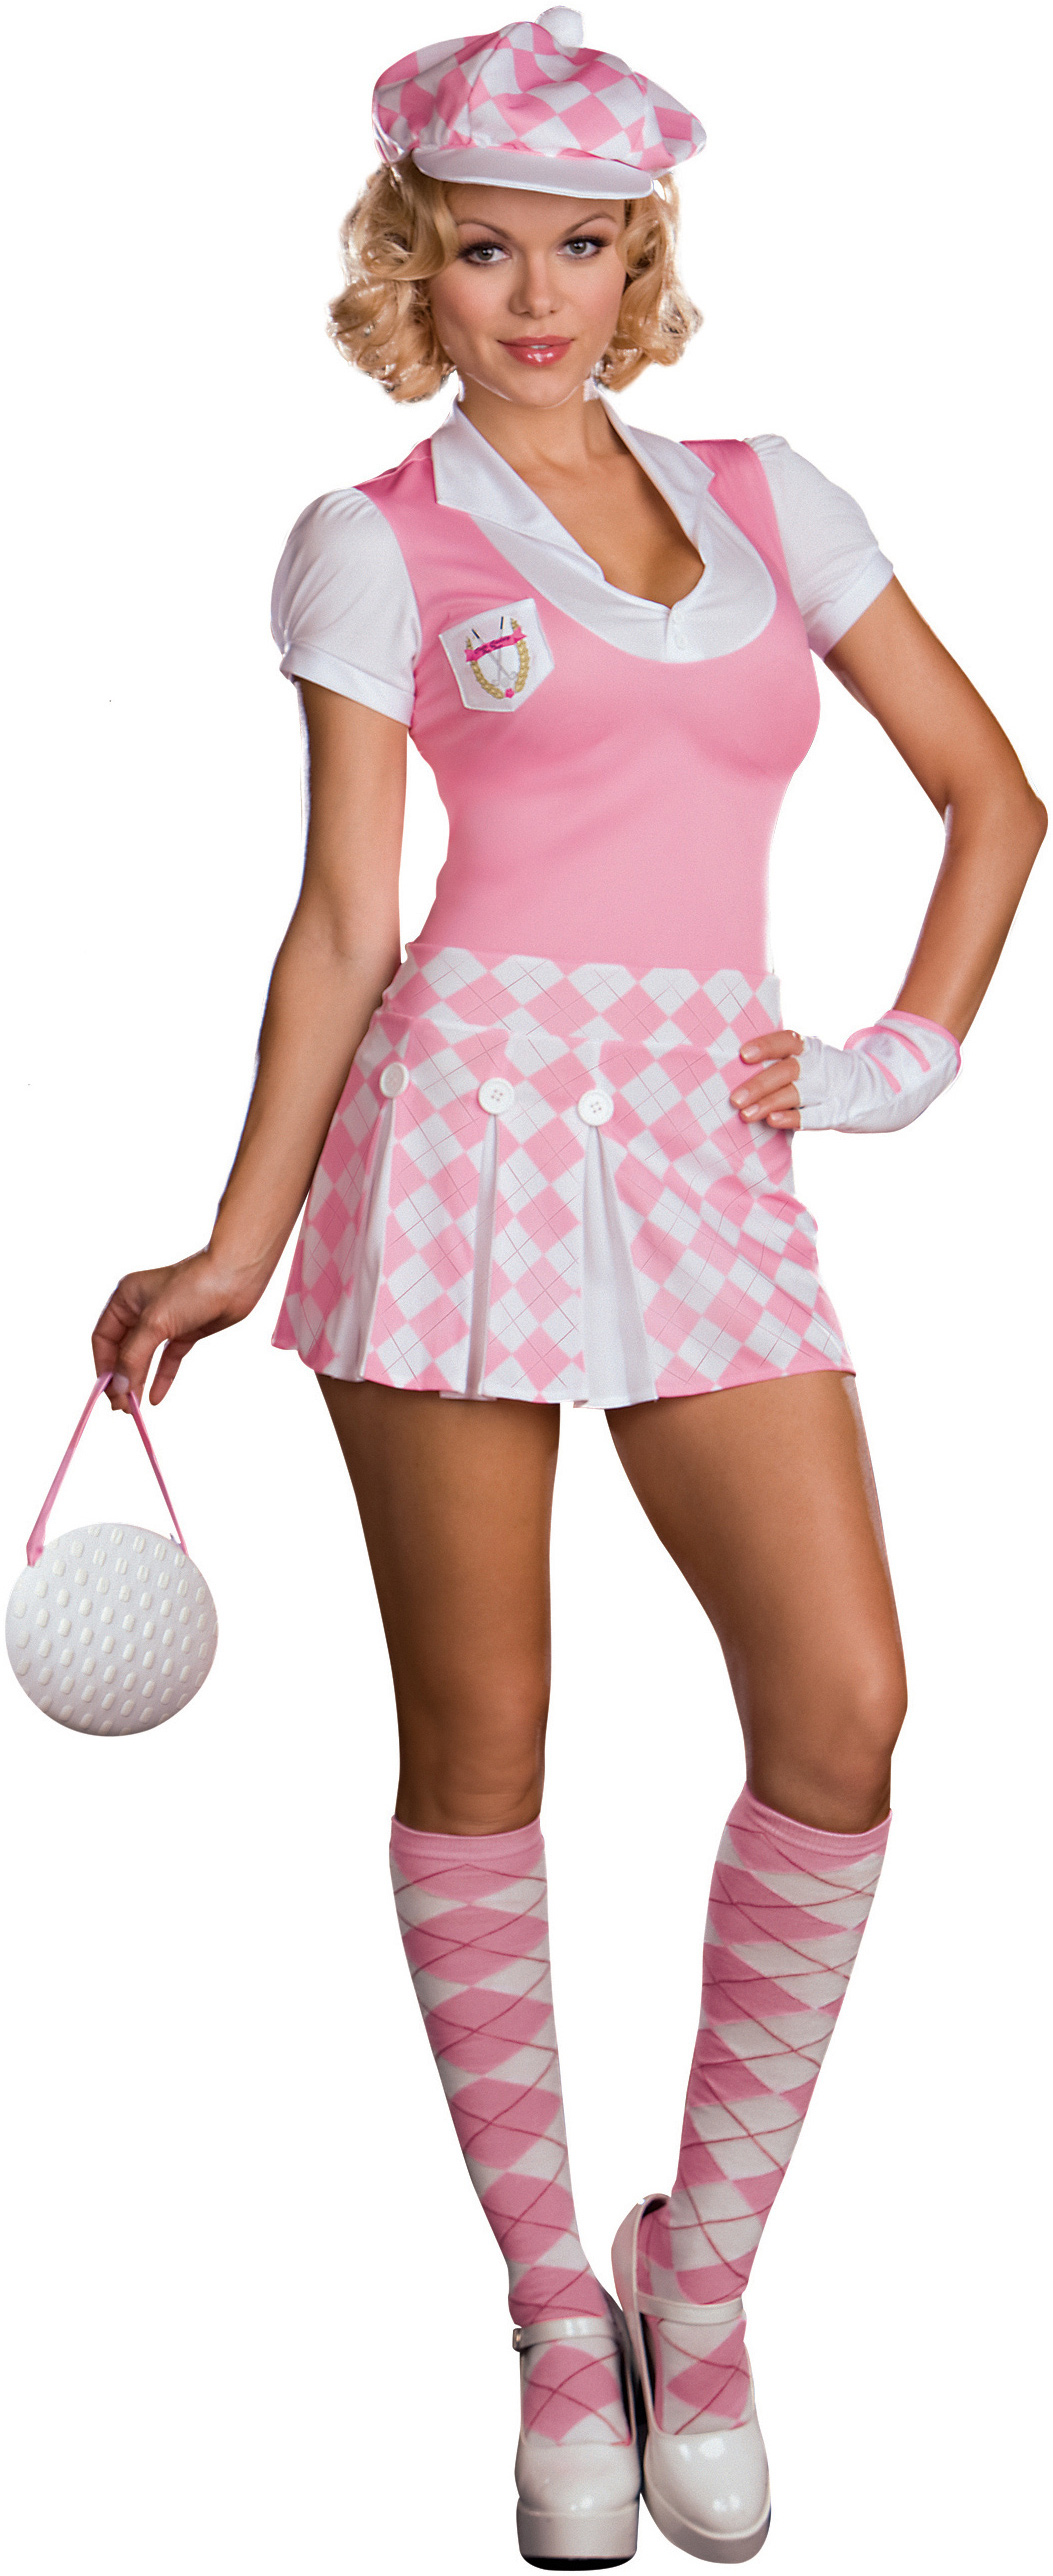 Model Womens Short Capri Pant  Golf Pant  Petite To Plus Size  KOBOMO